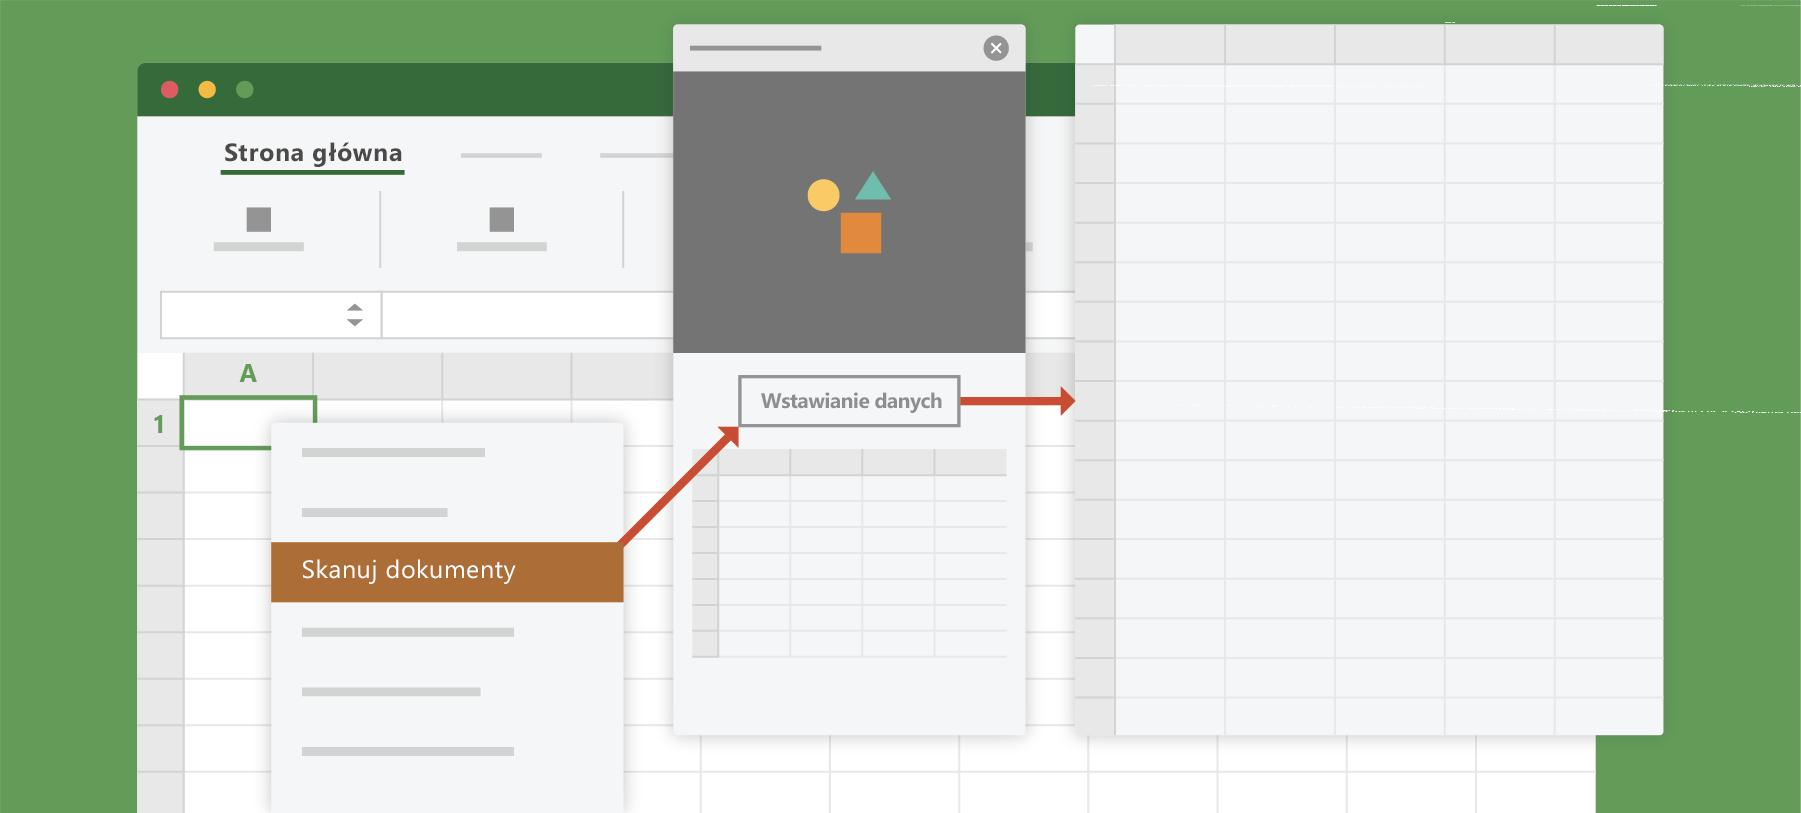 Pokazuje opcję Skanuj dokument w programie Excel